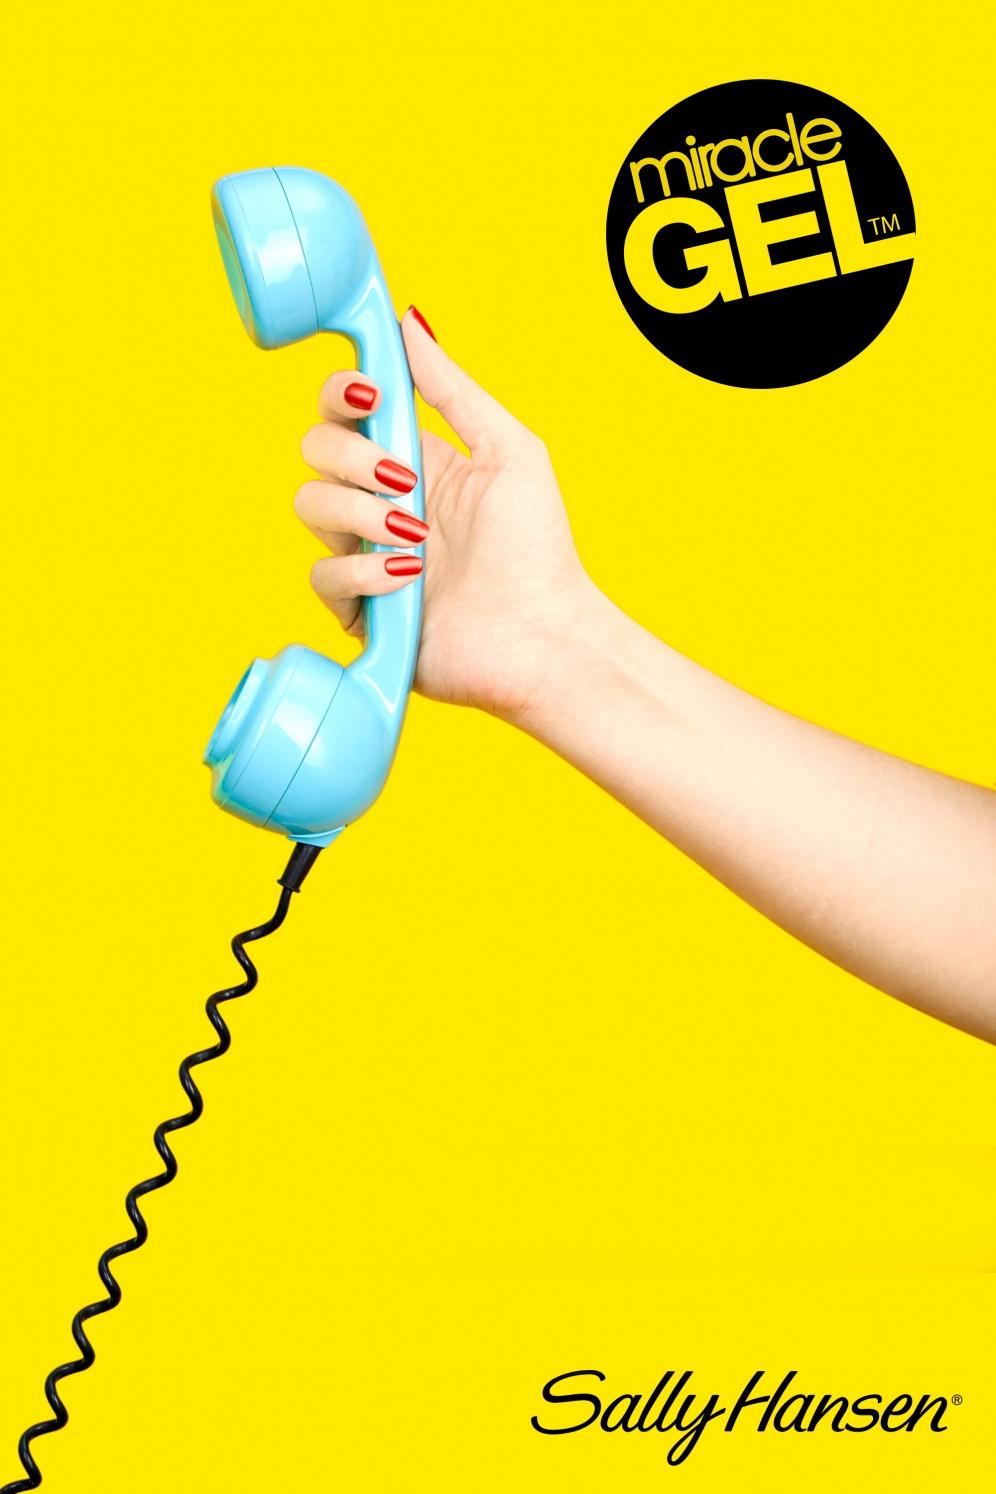 Sally Hansen | Gels